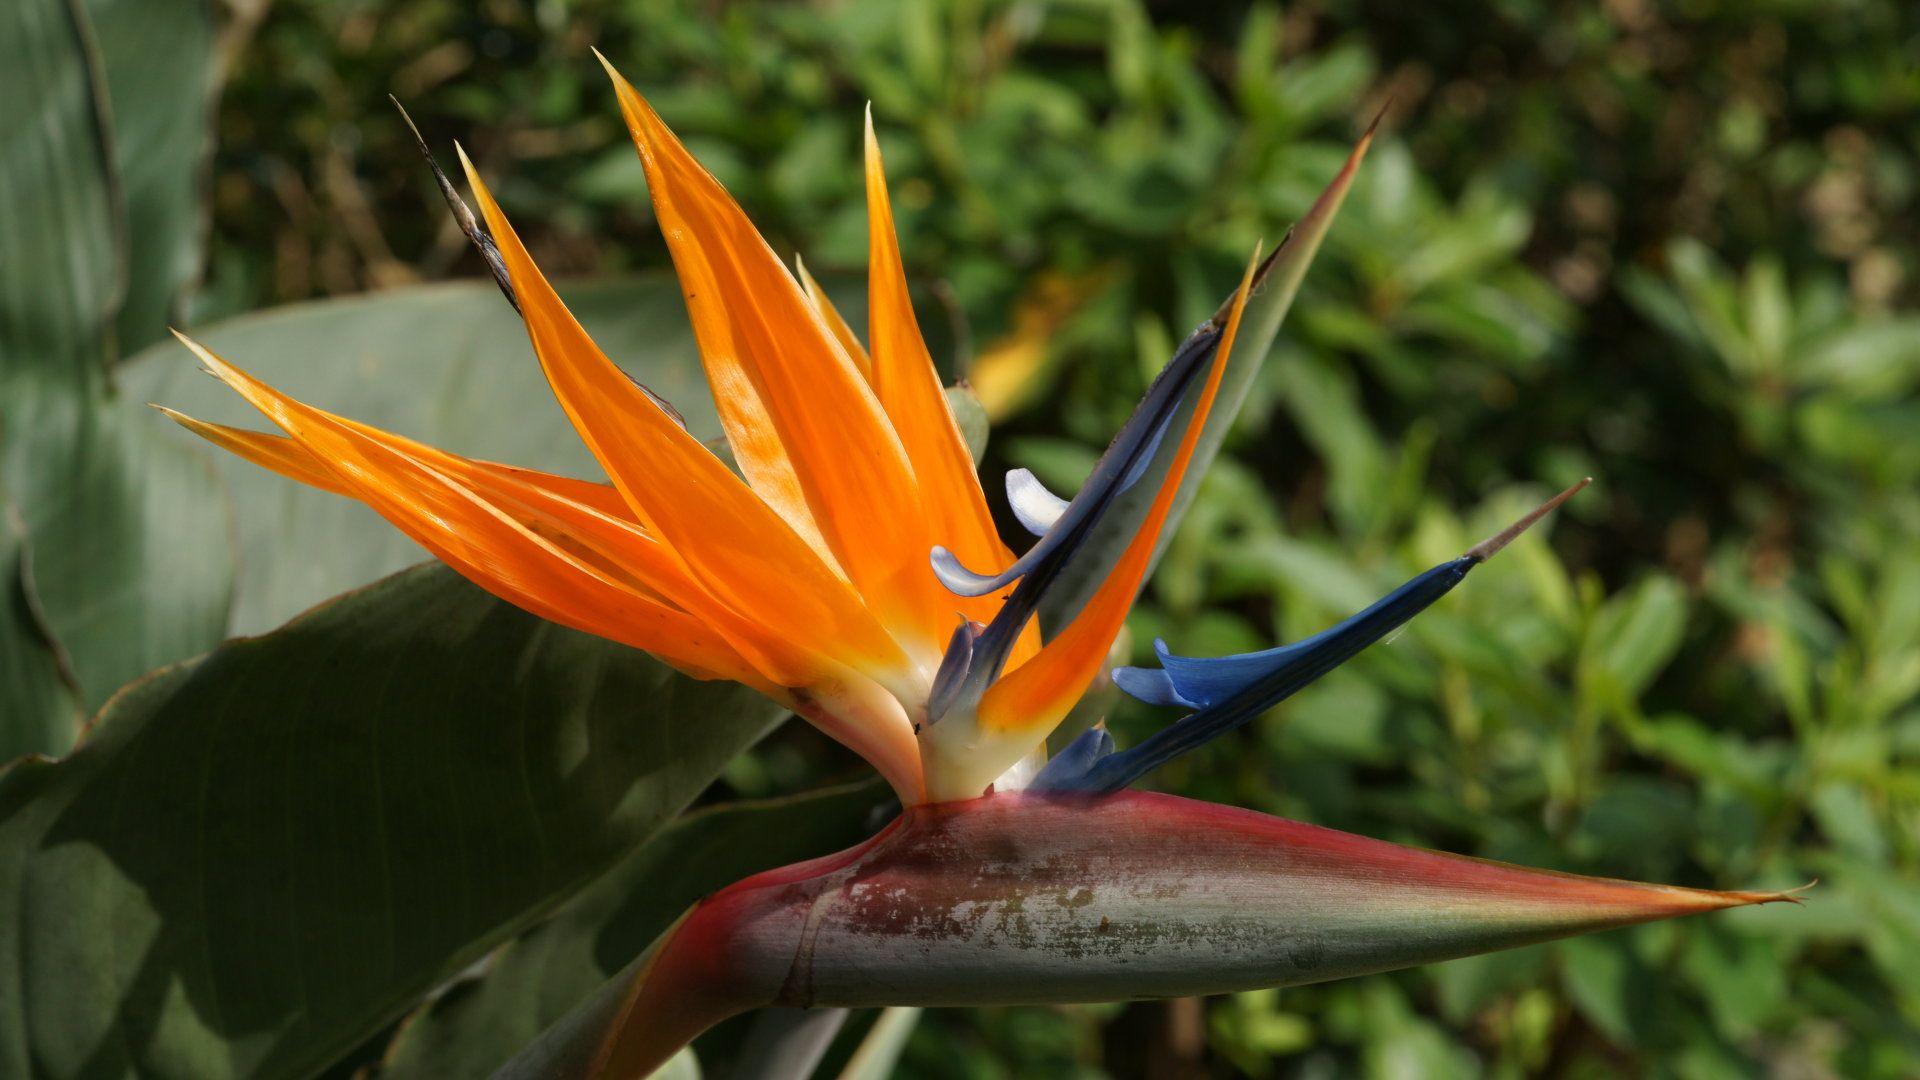 fond d'ecran gratuit fleurs exotiques martinique